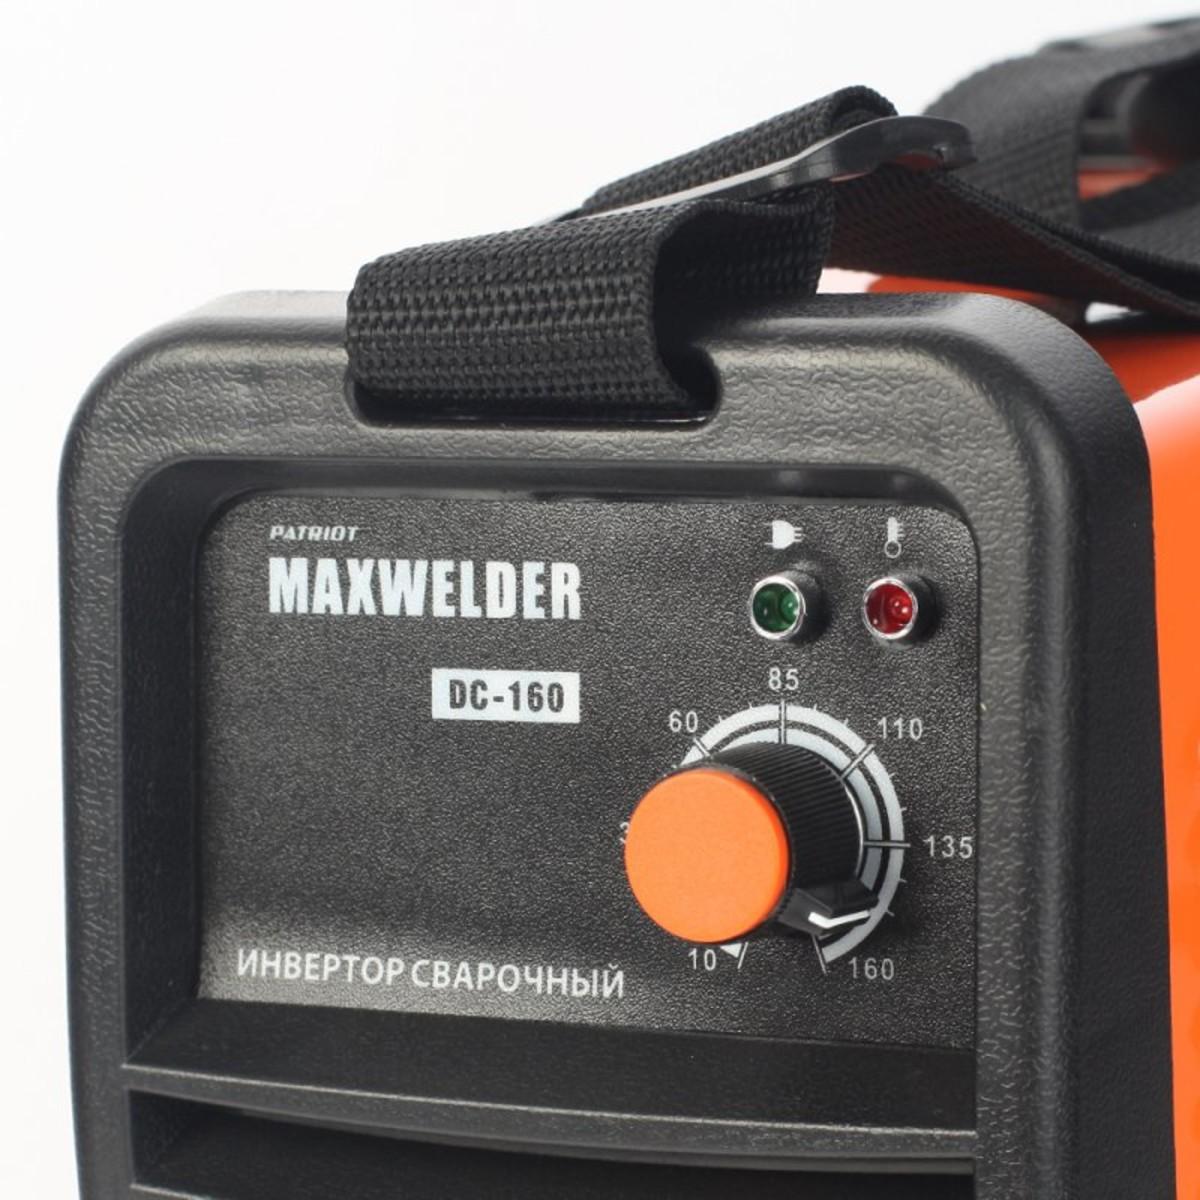 Дуговой Сварочный Инвертор Max Welder Dc-160 605302029